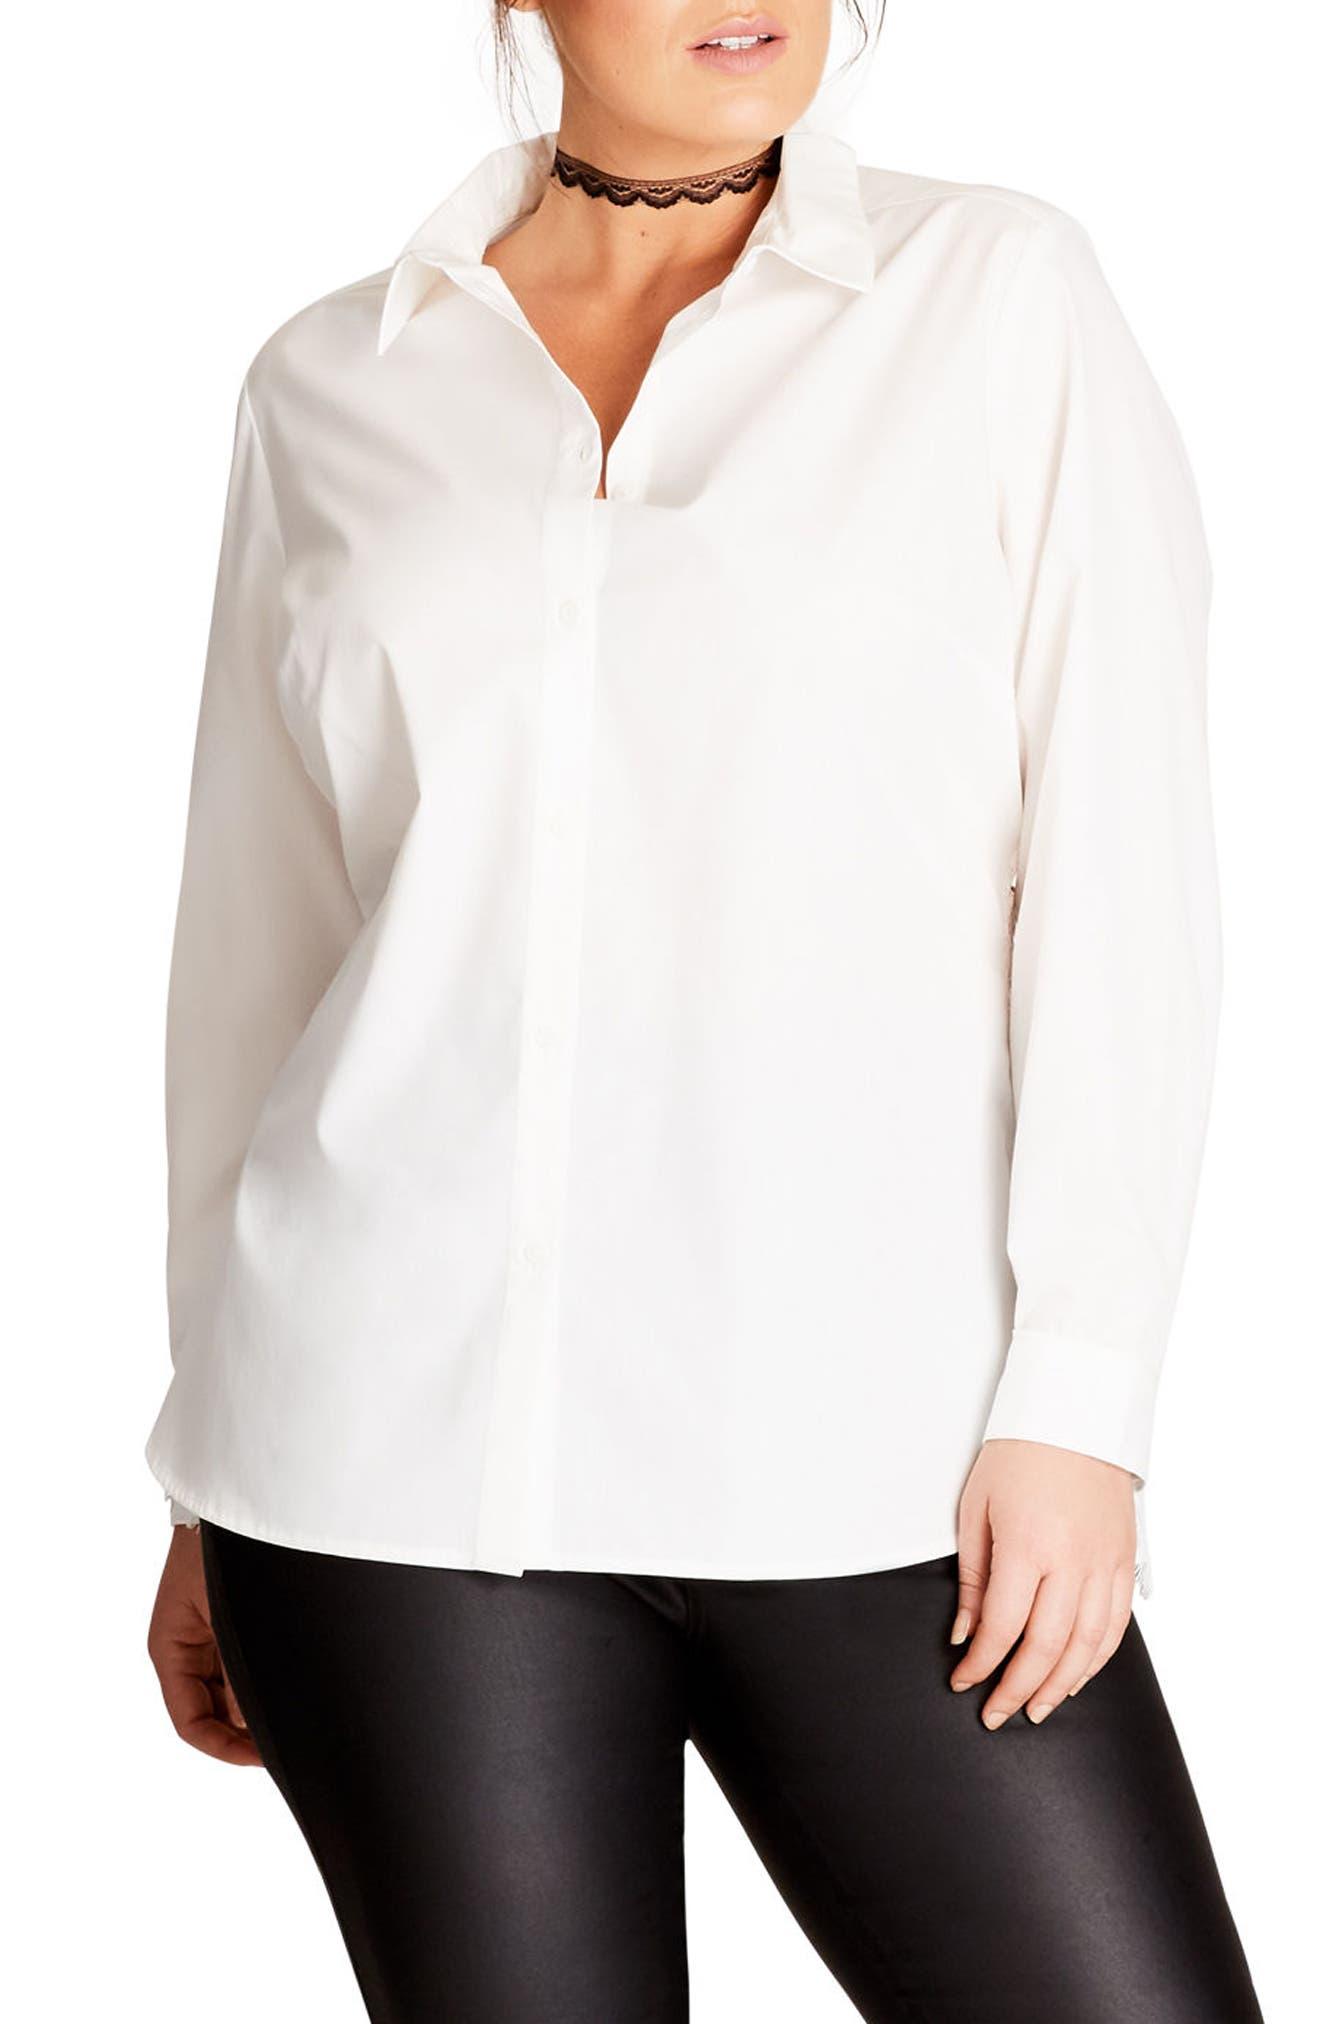 Main Image - City Chic Crisp Lace Back Shirt (Plus Size)